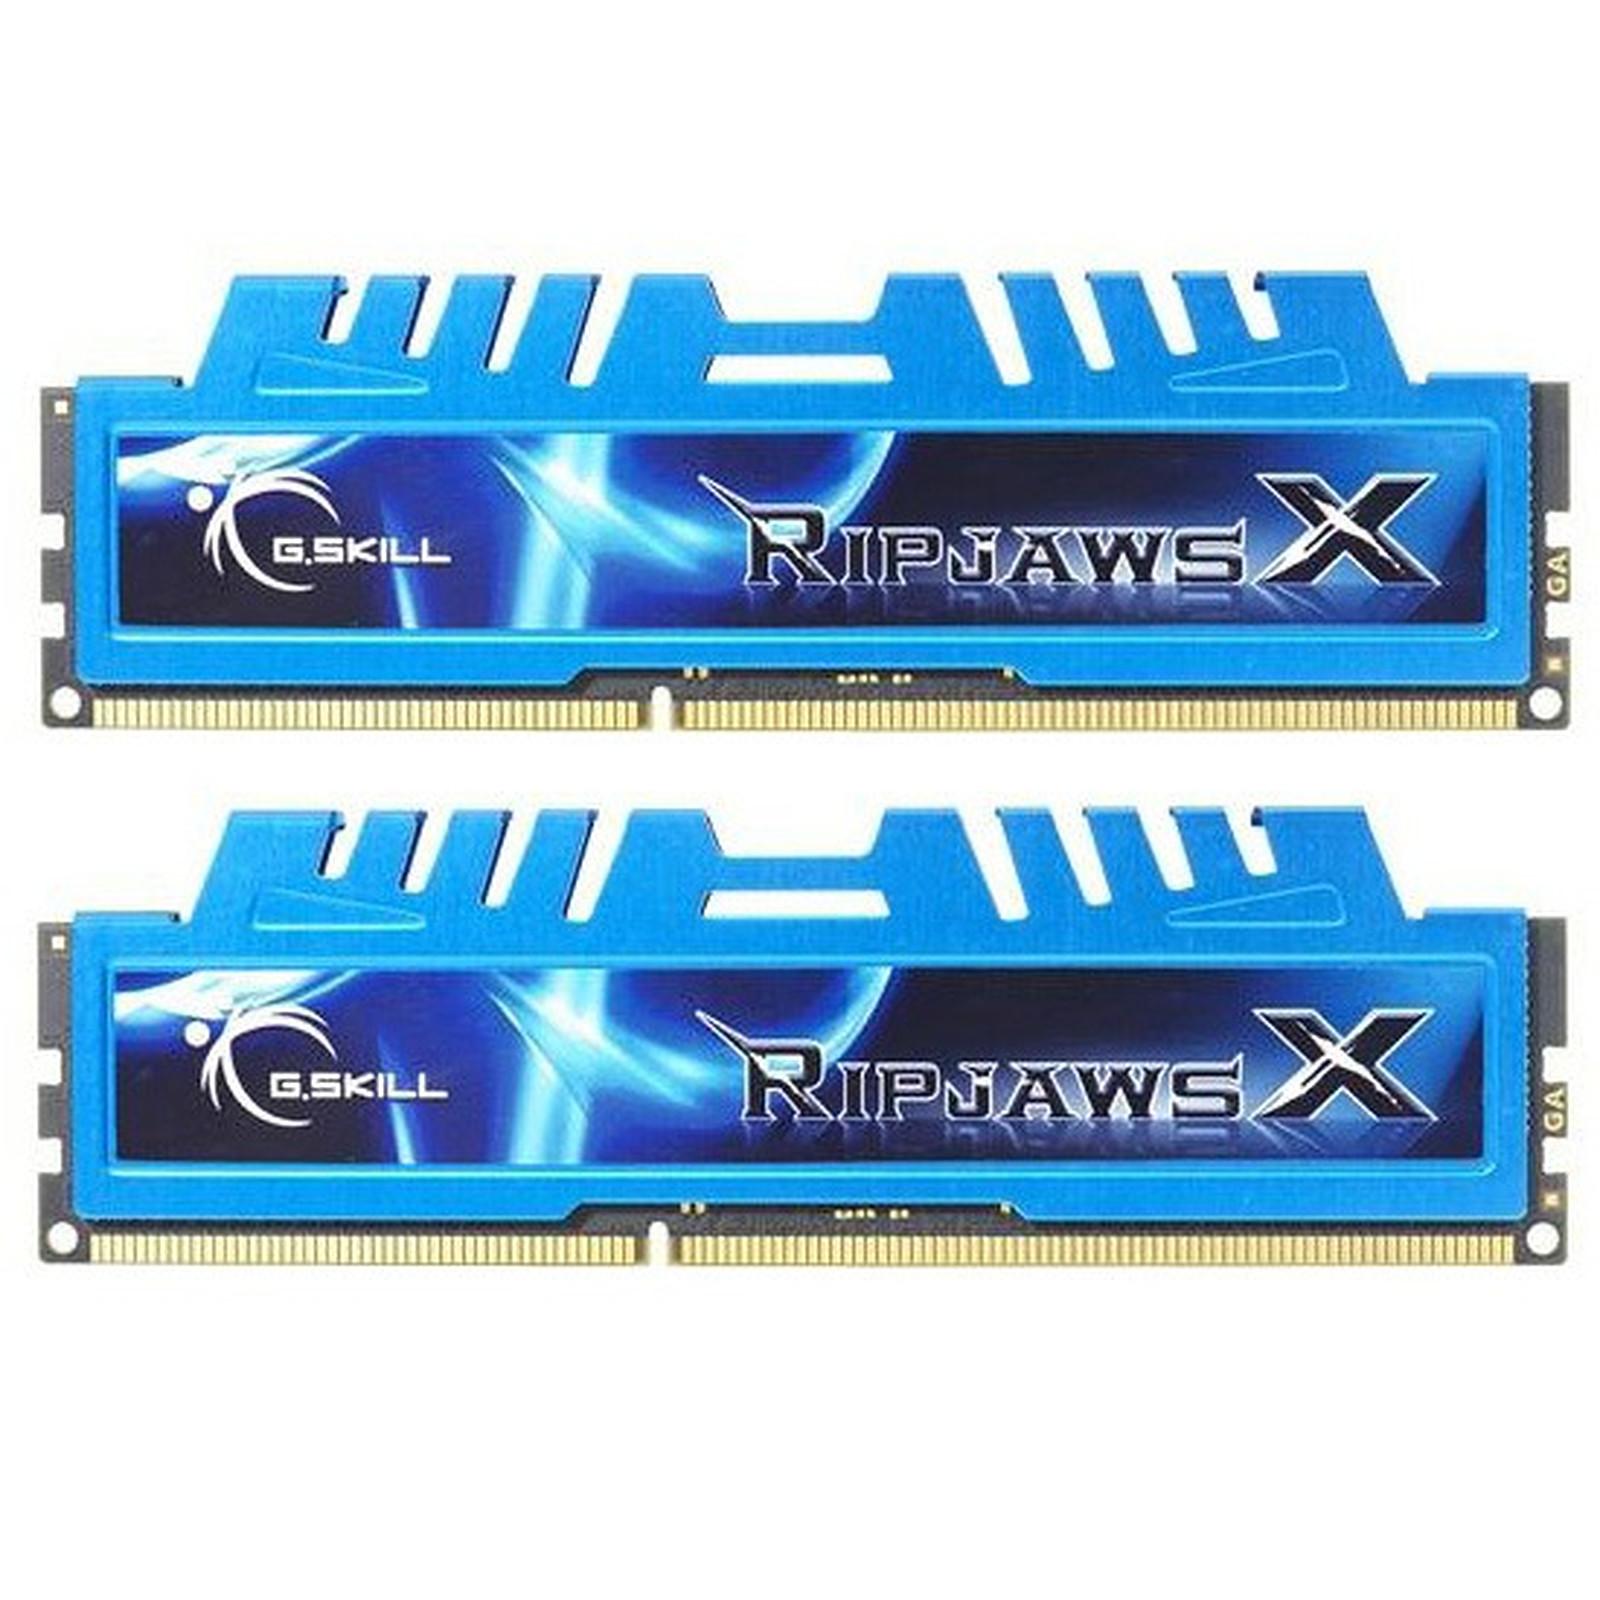 G.Skill XM Series RipJaws X Series 8 Go (kit 2 x 4 Go) DDR3 1600 MHz CL7